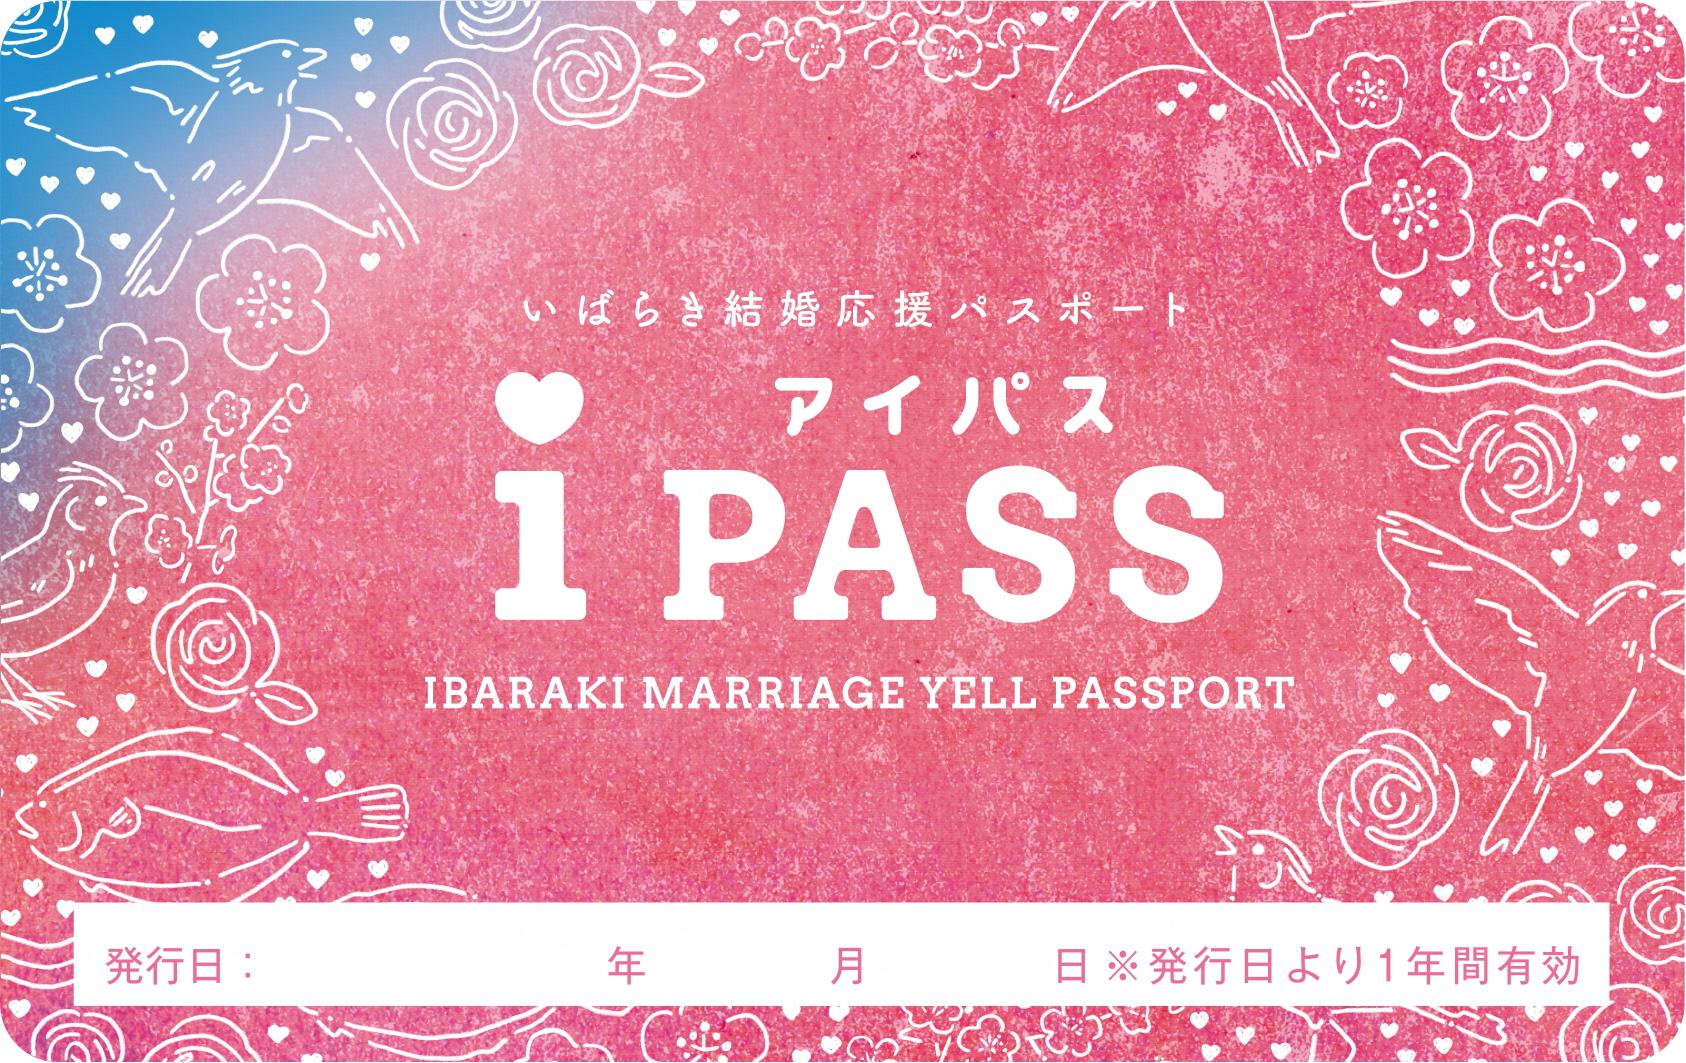 iPASS_カード_ピンク表